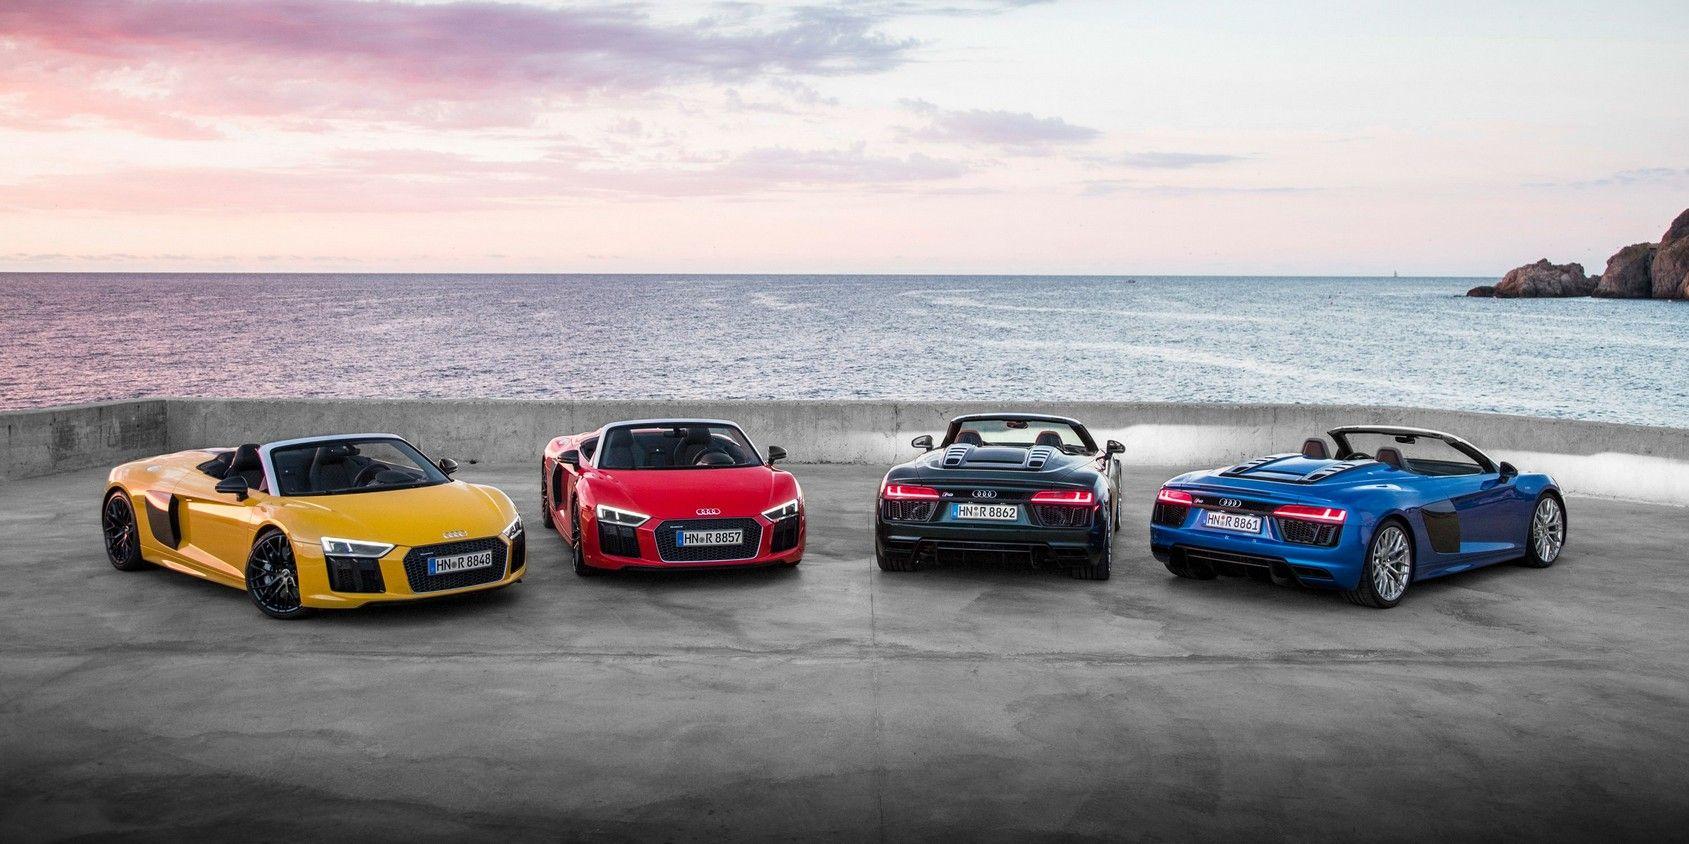 2020 audi r8 spyder sports car